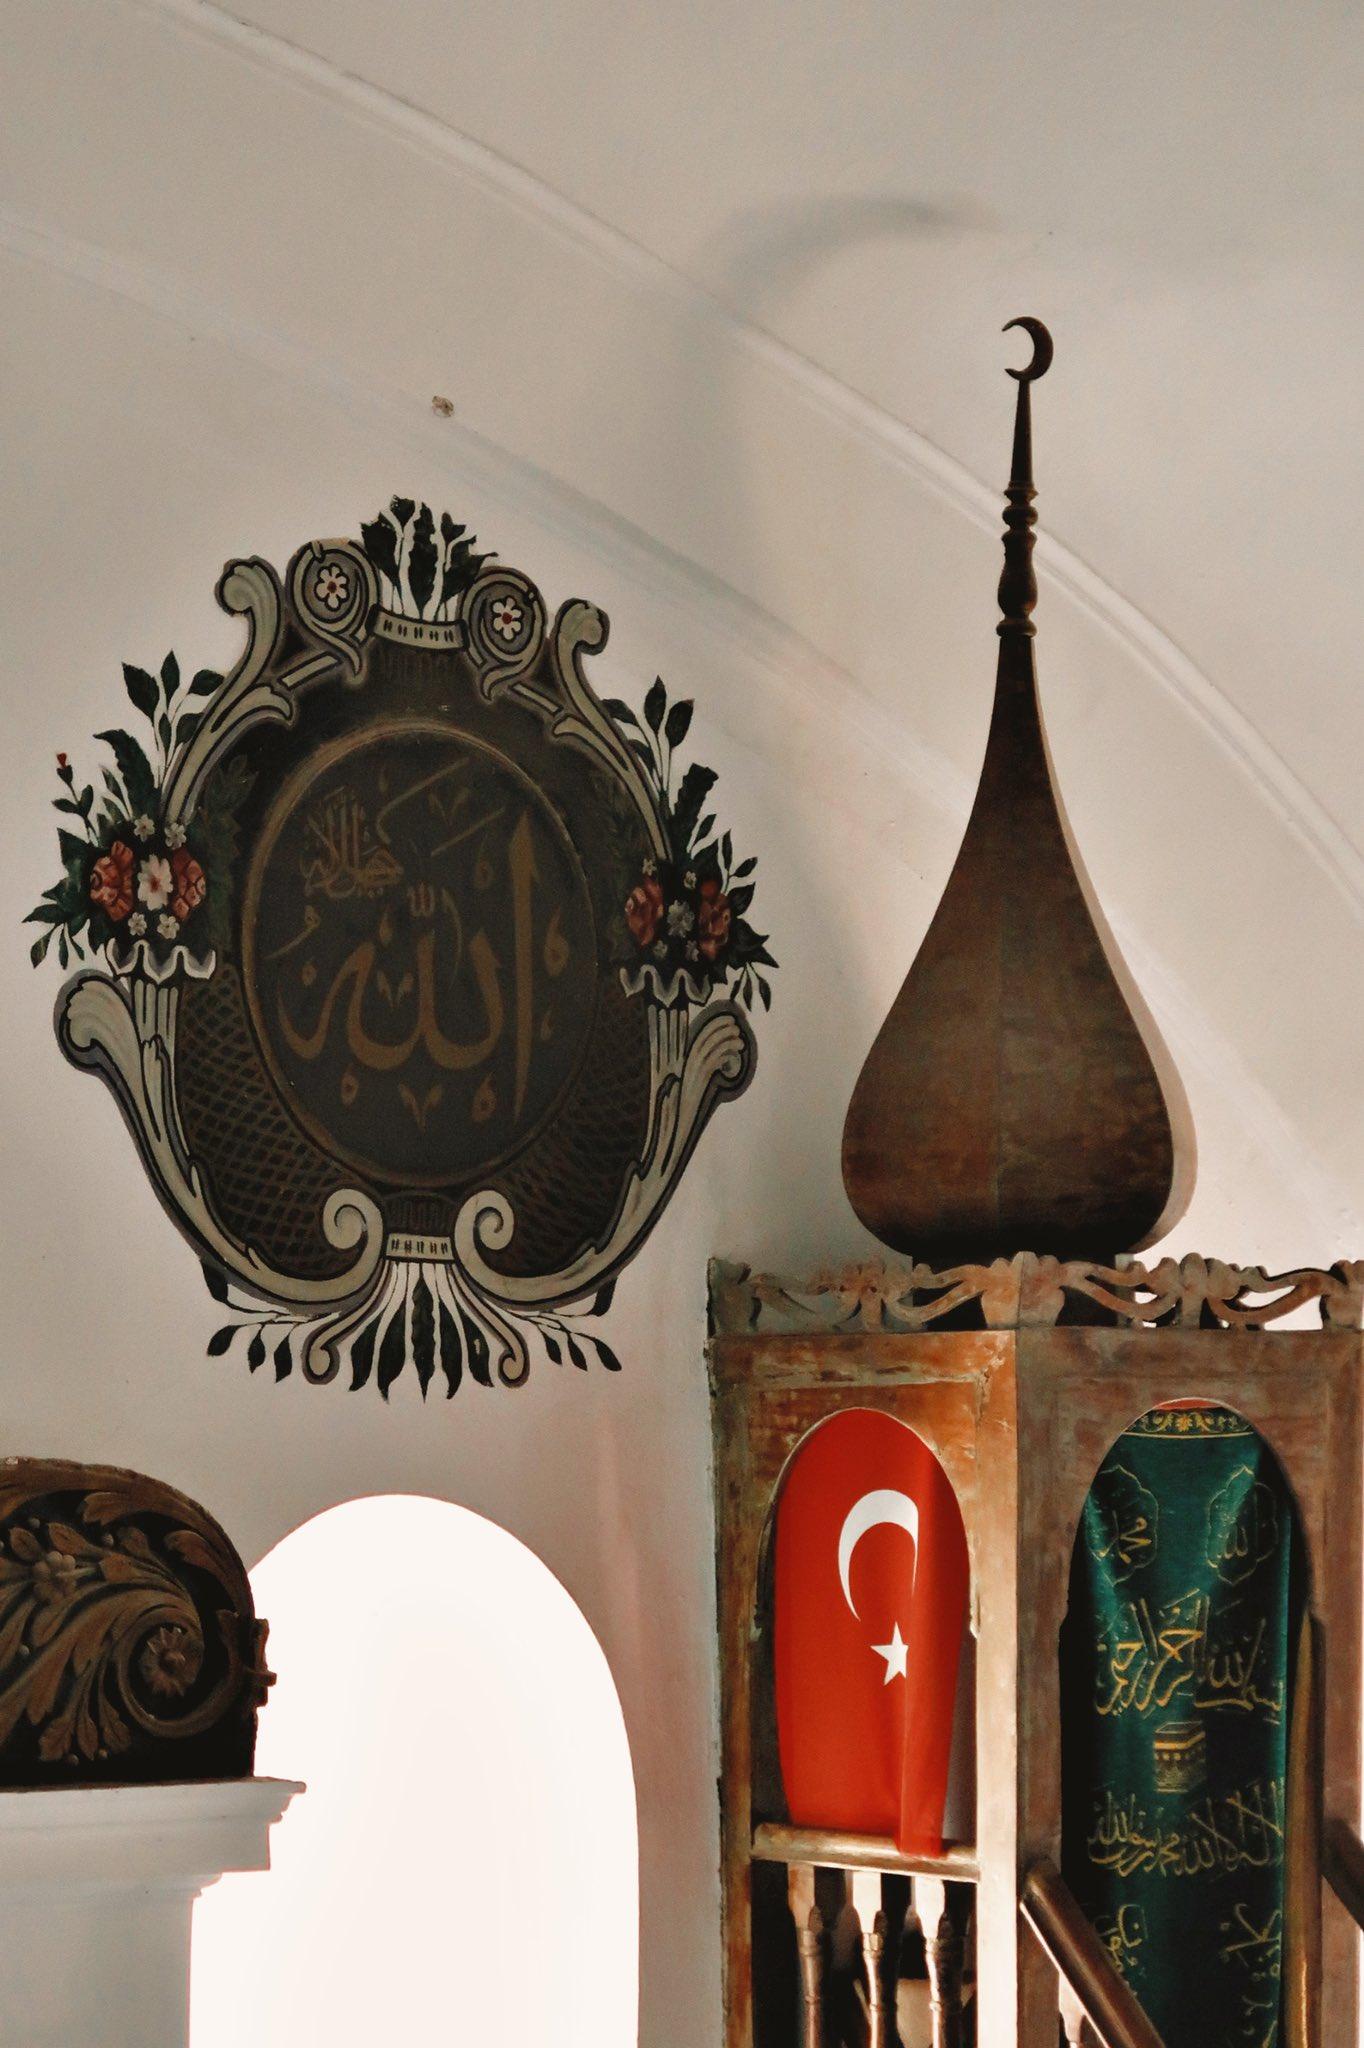 Bali Bey (Balbey) Camii